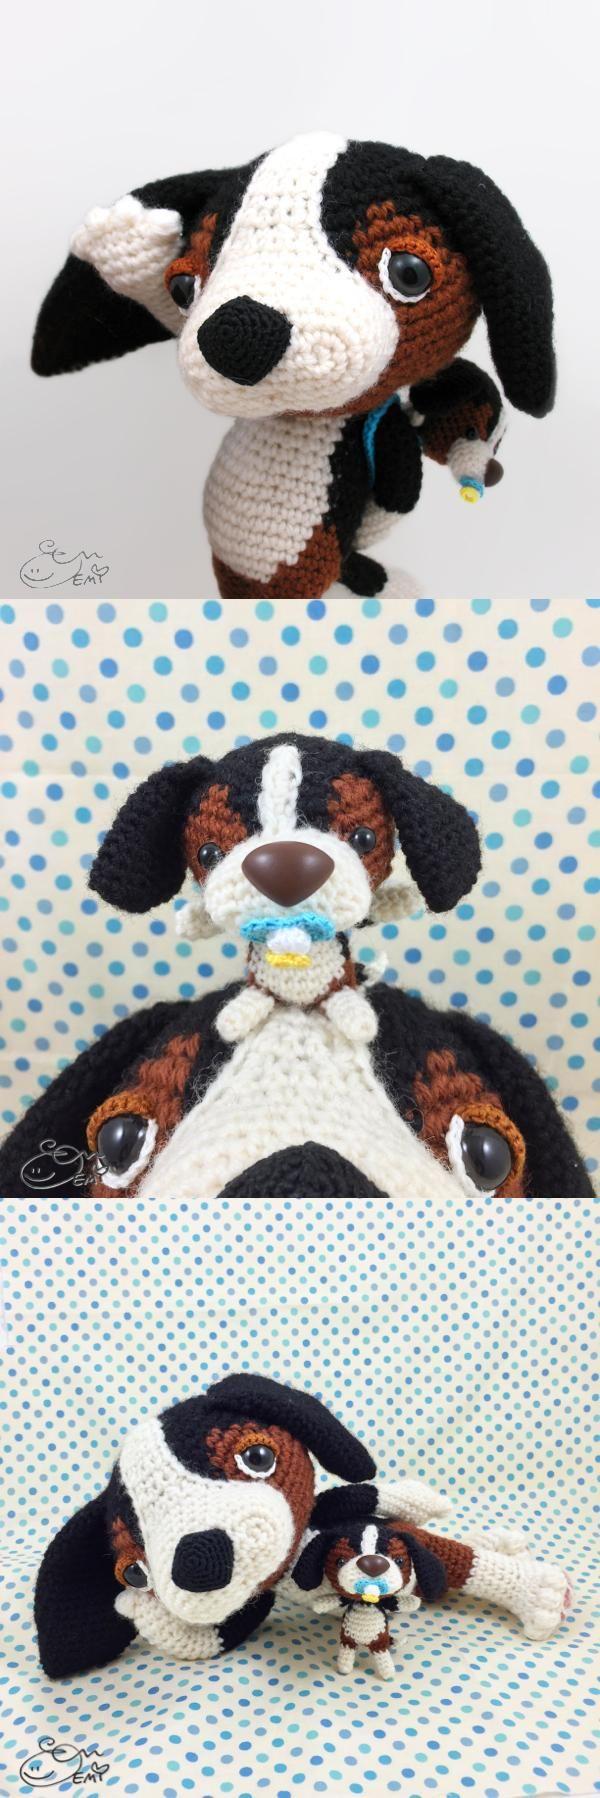 Increíble Patrón De Crochet Botines Perro Elaboración - Manta de ...